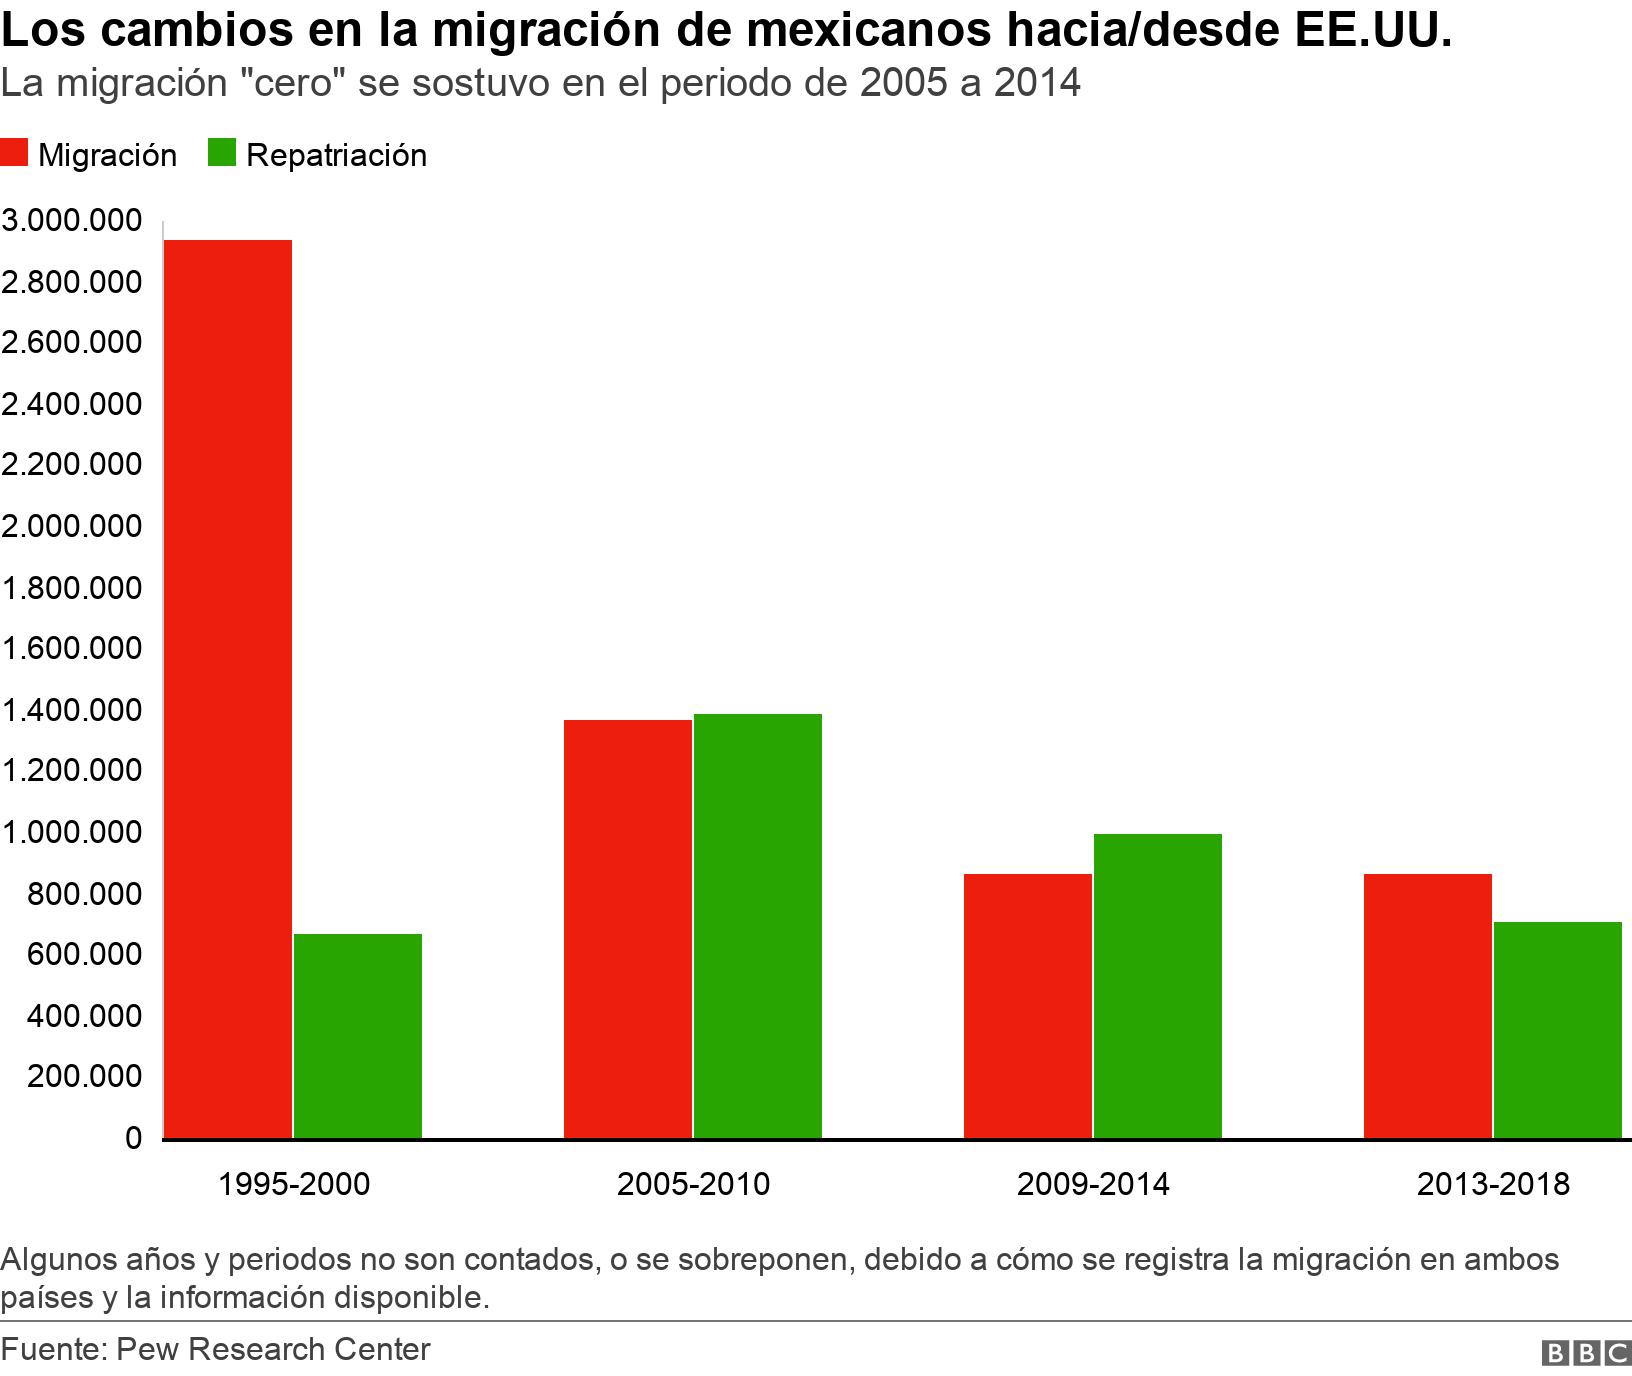 """Los cambios en la migración de mexicanos hacia/desde EE.UU.. La migración """"cero"""" se sostuvo en el periodo de 2005 a 2014.  Algunos años y periodos no son contados, o se sobreponen, debido a cómo se registra la migración en ambos países y la información disponible.."""